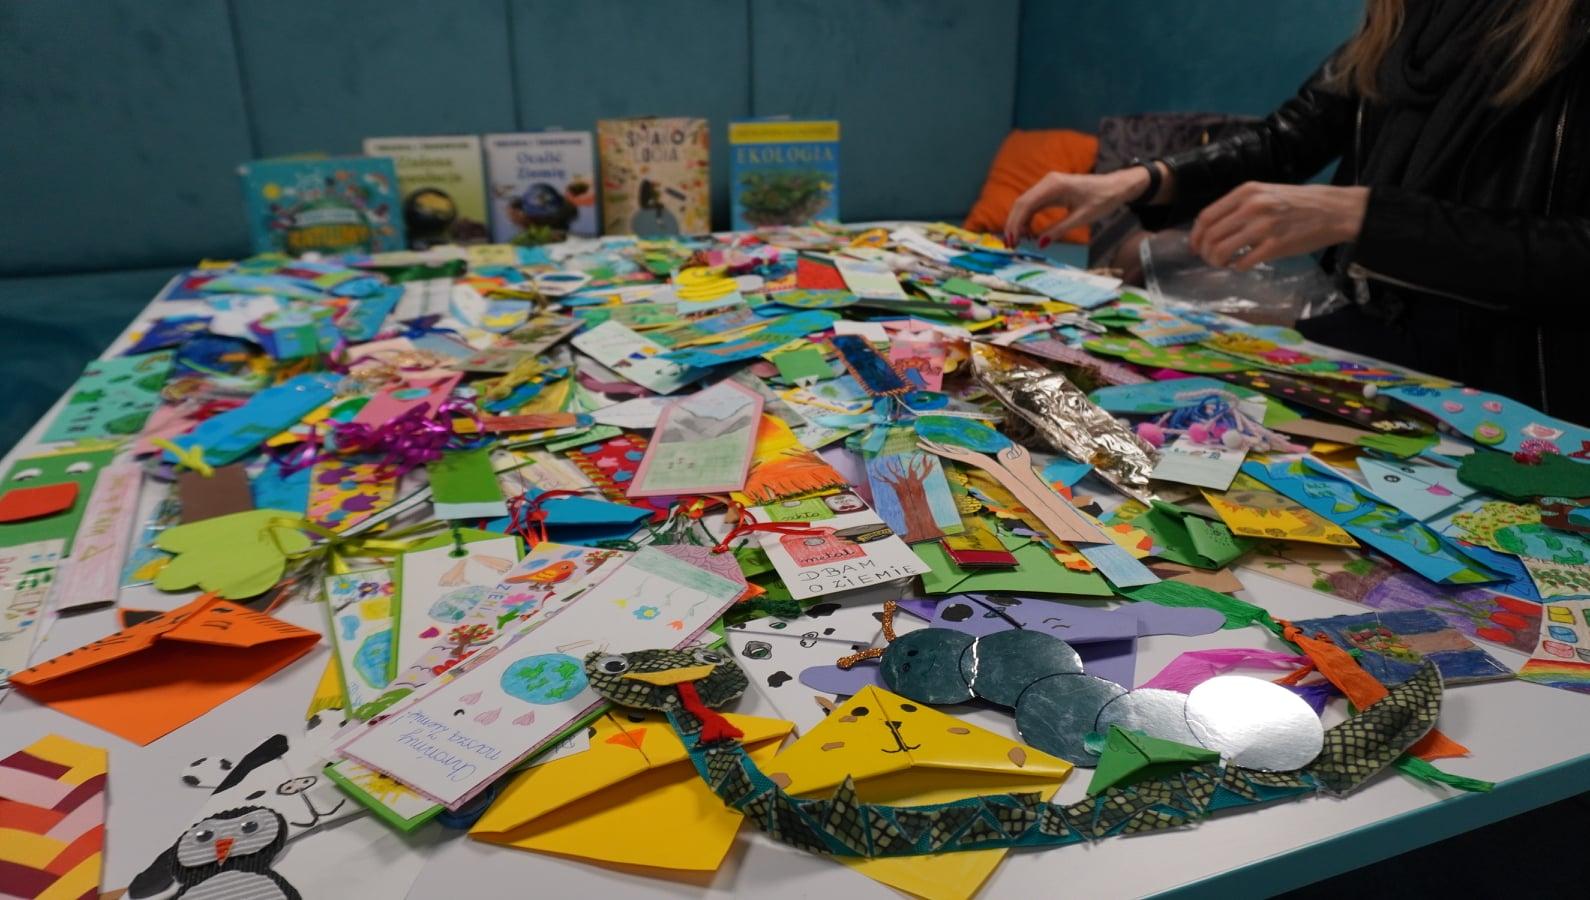 Dzieci przygotowały zakładki, skorzystają dorośli - Zdjęcie główne